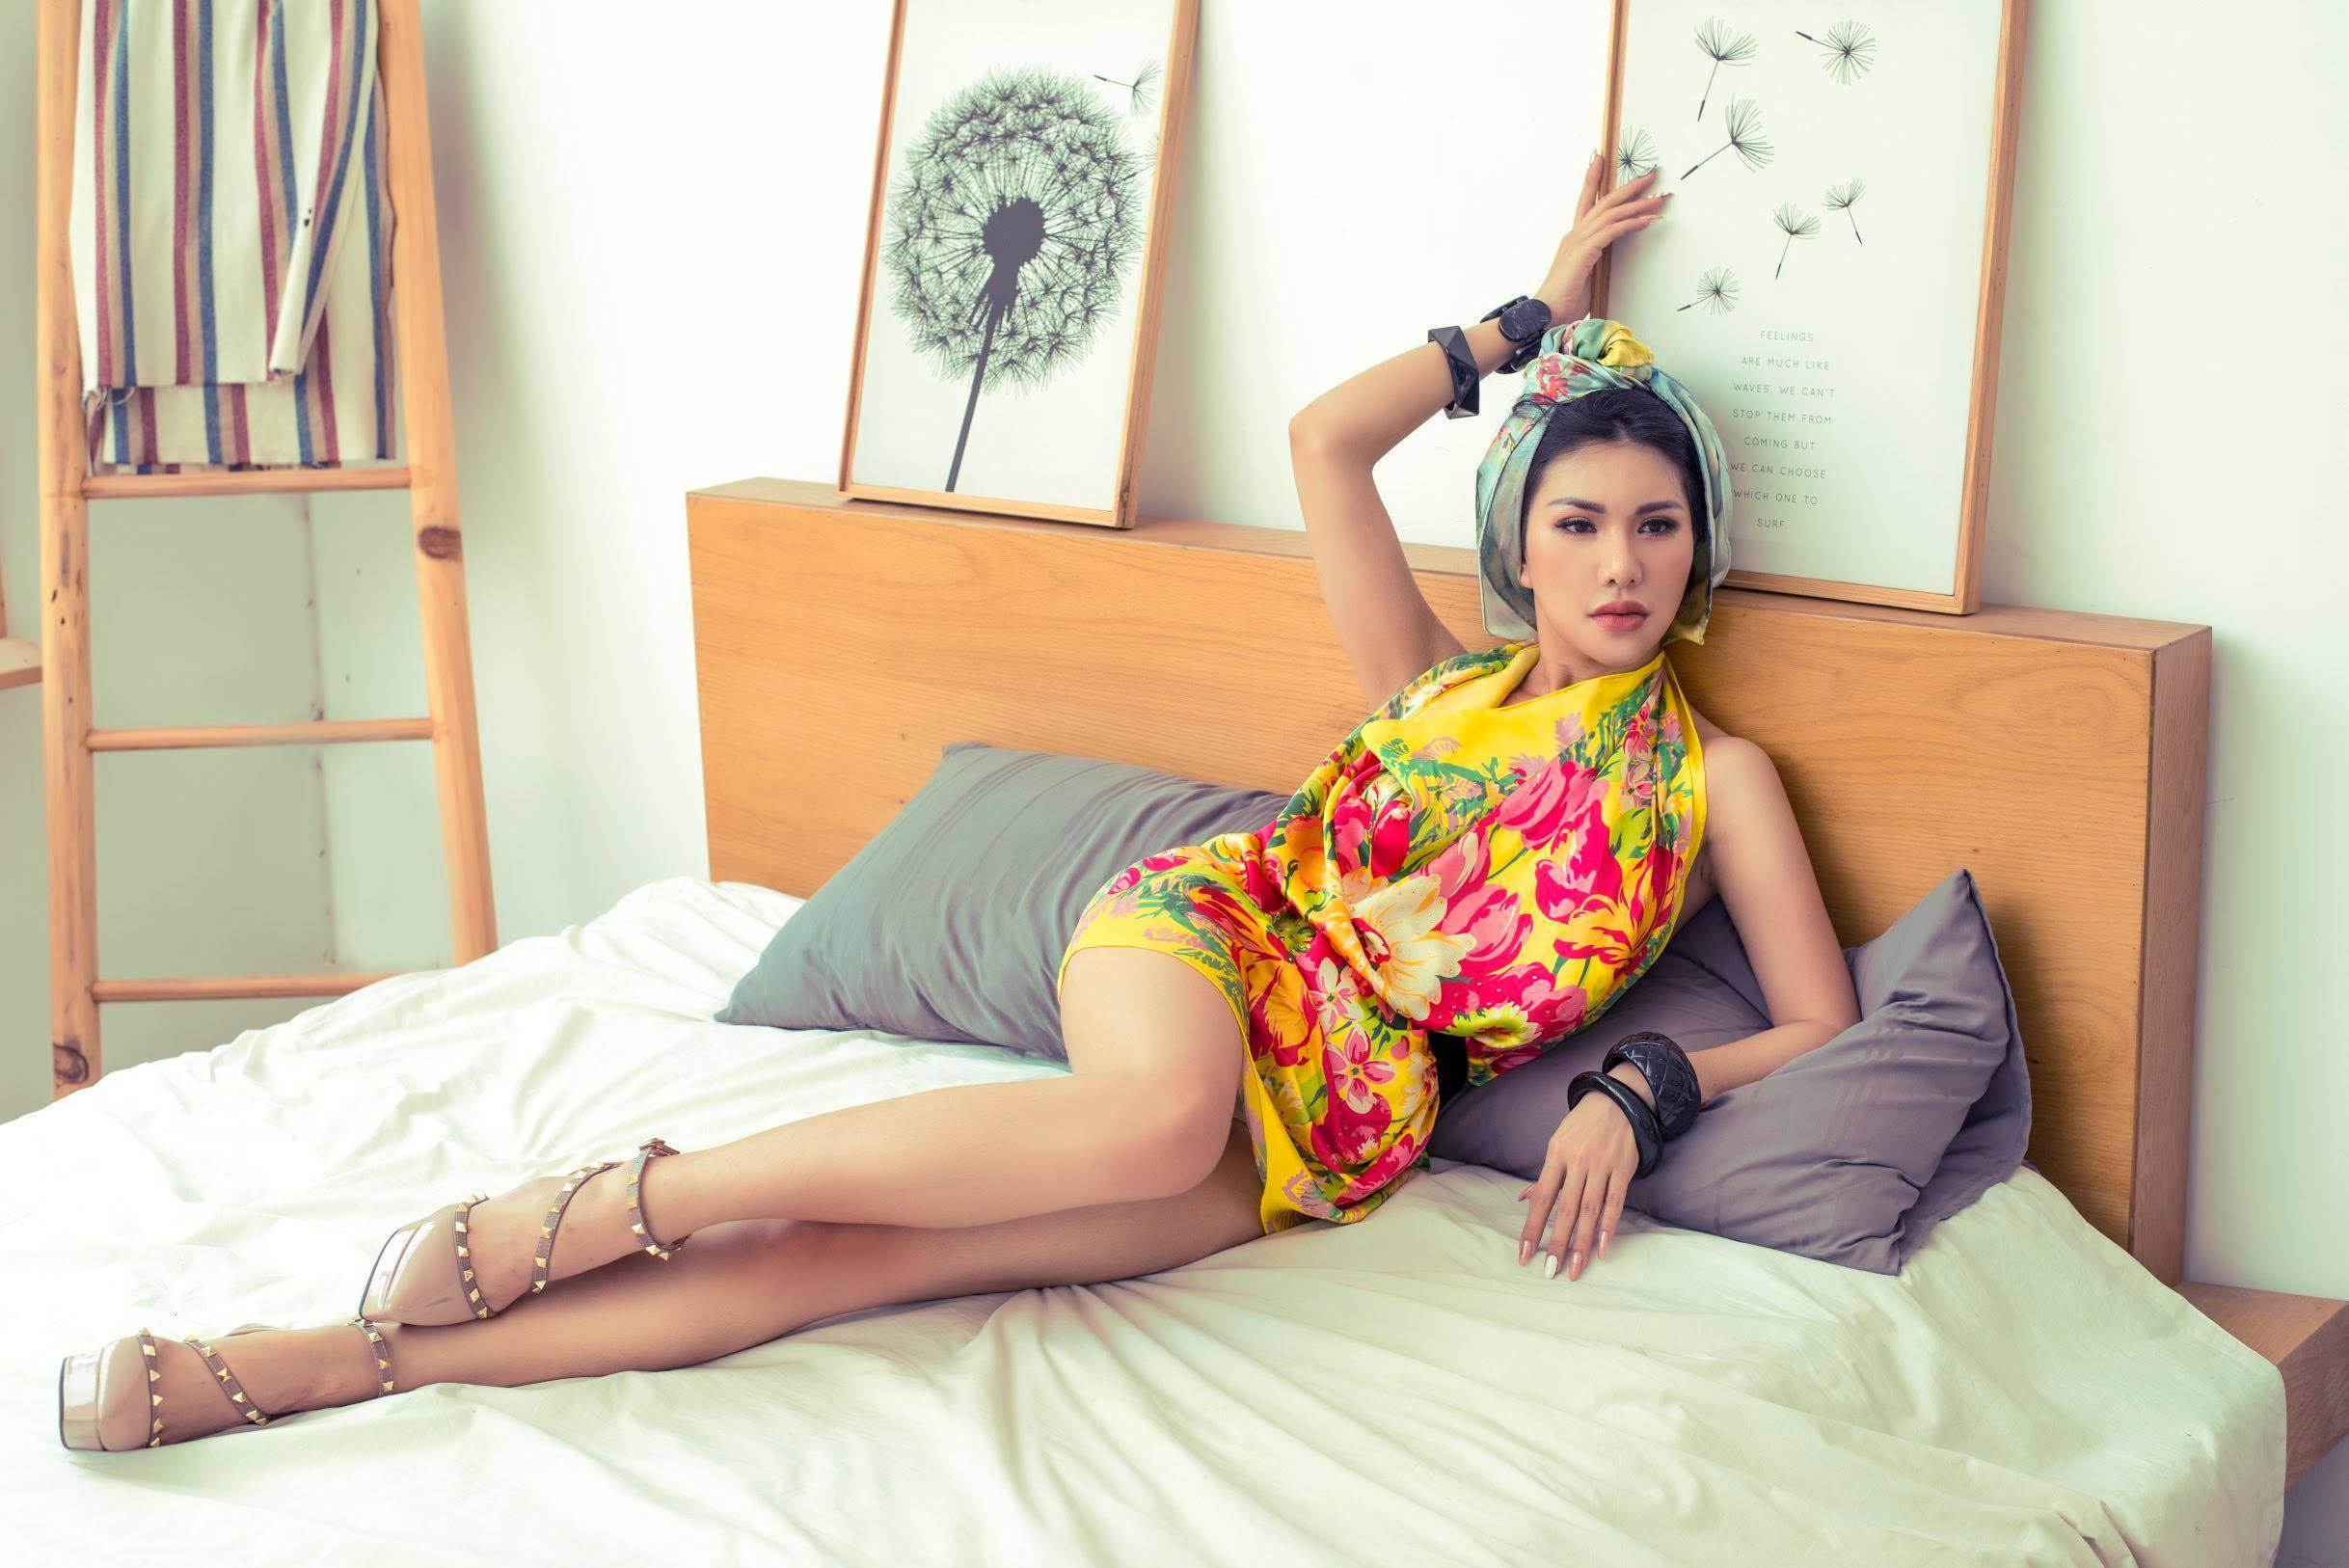 Vẻ đẹp vạn người mê của nữ tiếp viên hàng không Vietnam Airlines trong bộ ảnh mới 2